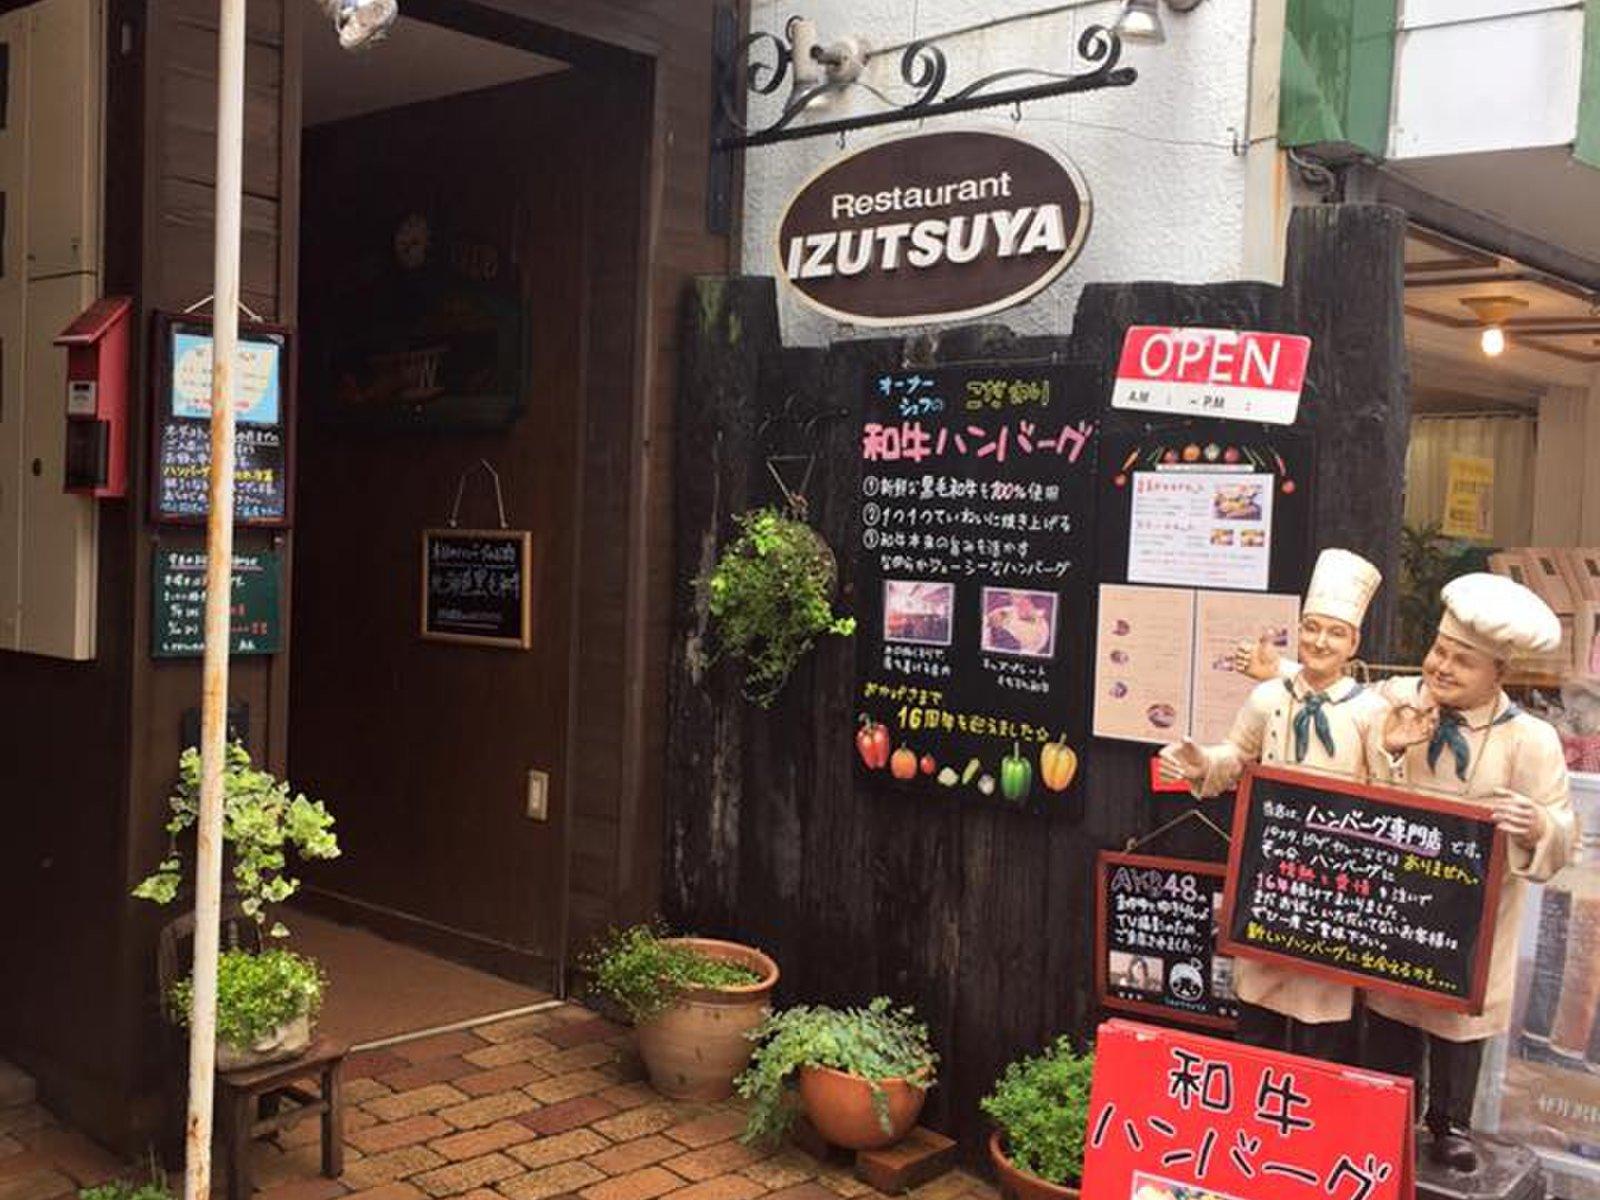 ハンバーグ専門店 IZUTSUYA